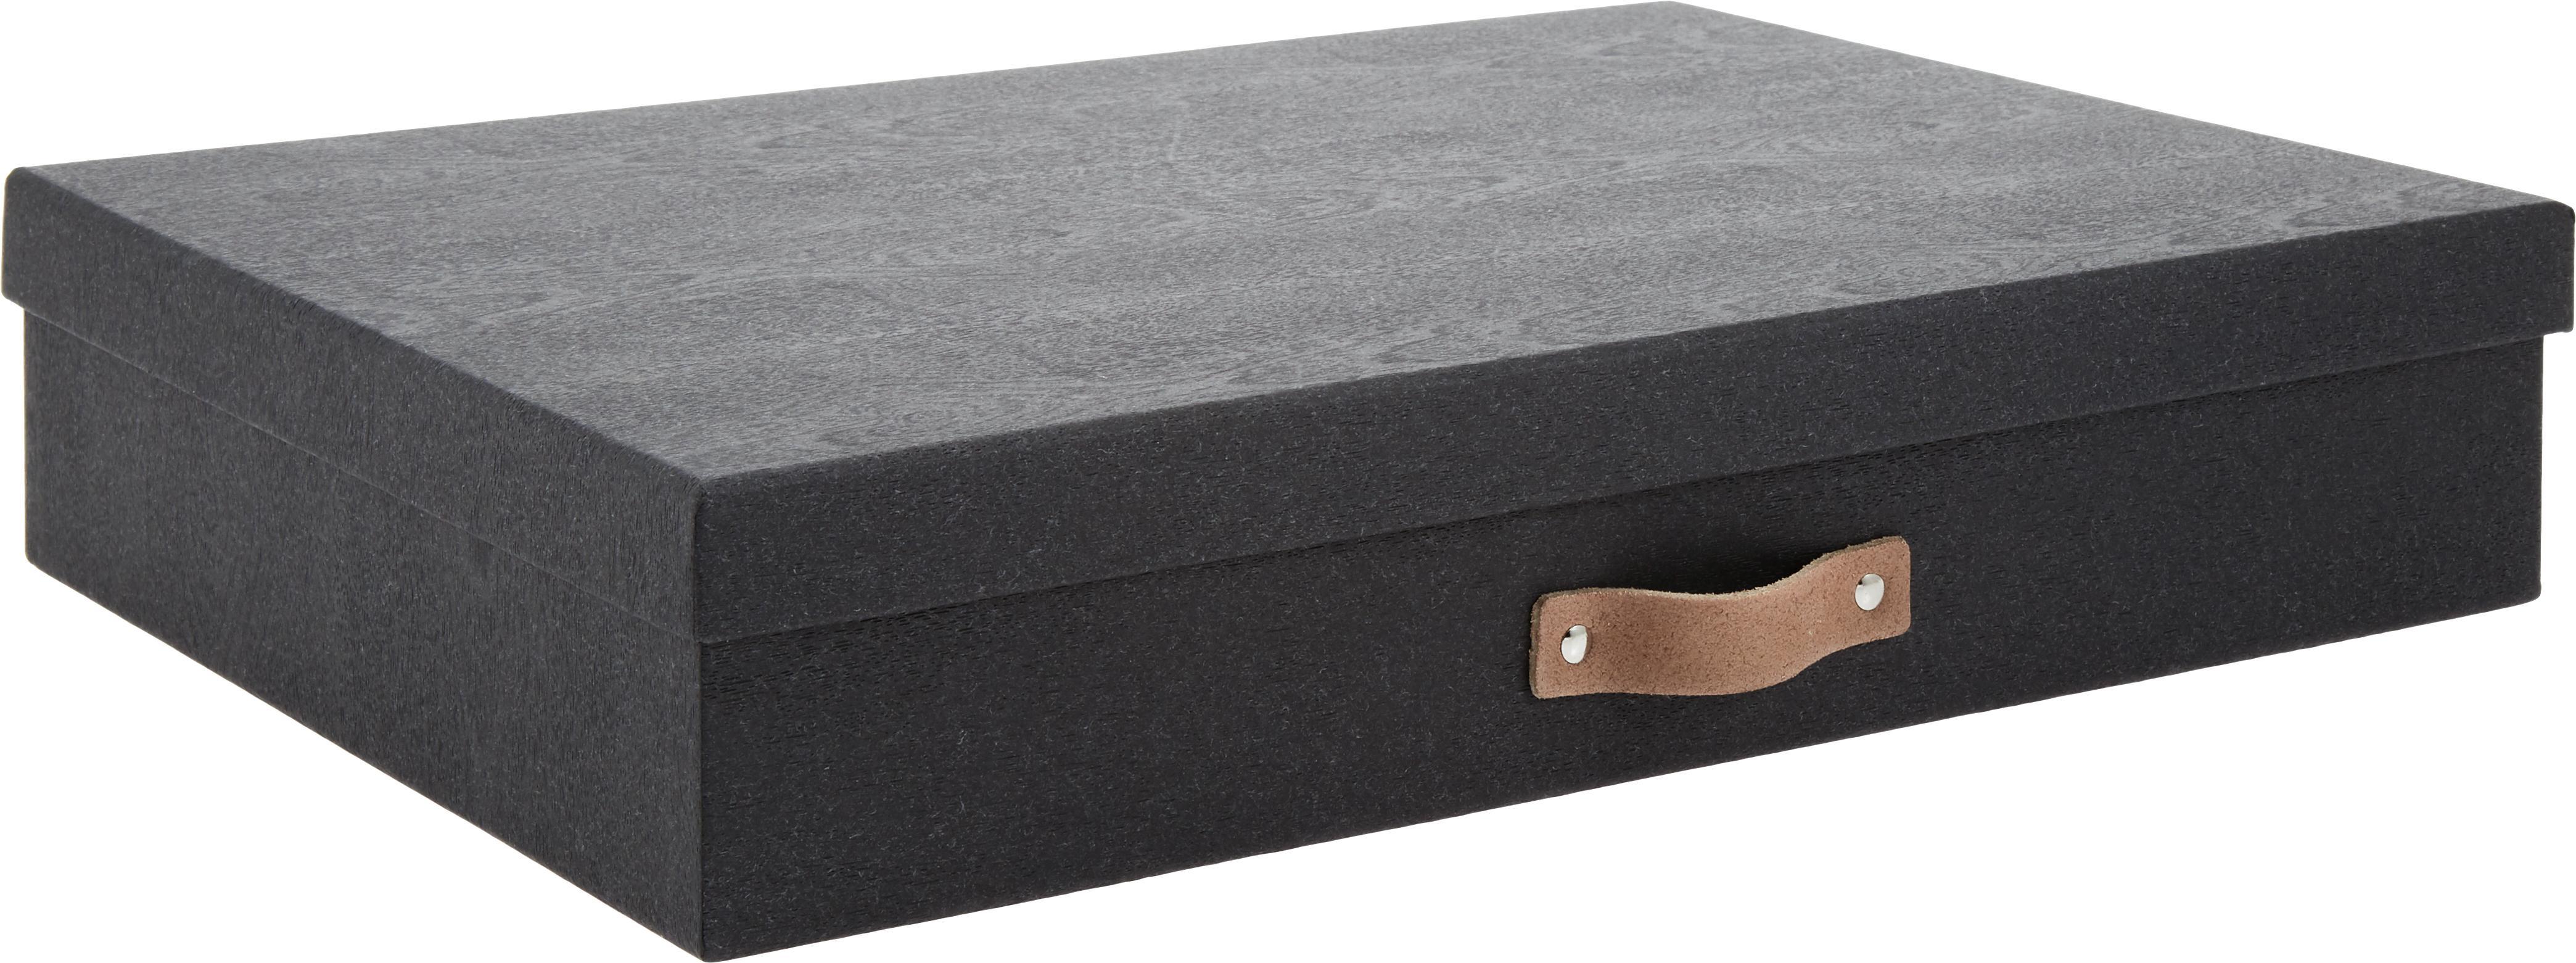 Opbergdoos  Sverker II, Doos: massief karton, met houtd, Organizer buitenzijde: zwart Organizer binnenzijde: zwart Handvat: beige, 44 x 9 cm